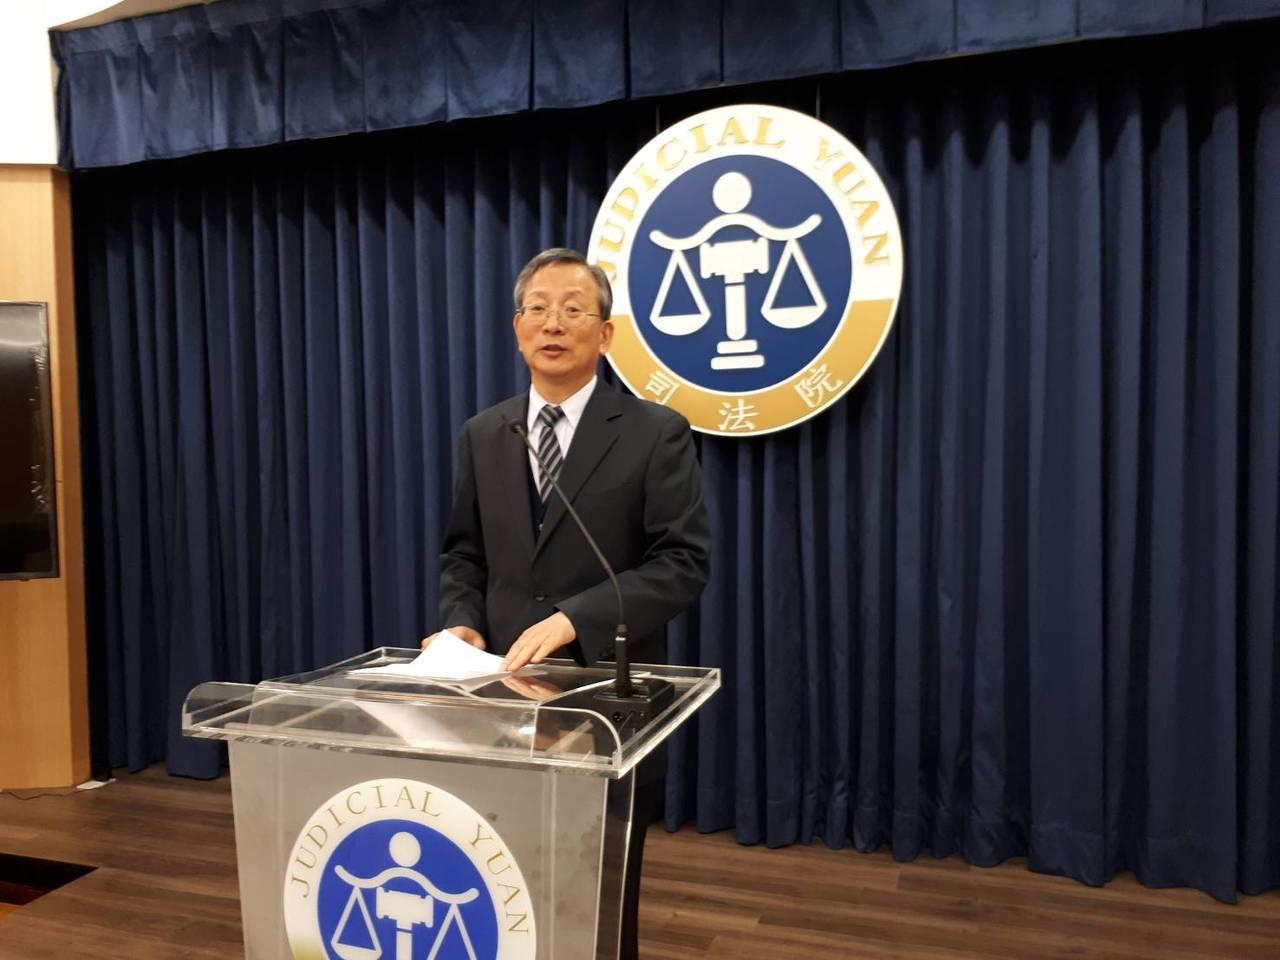 公務員具勞工身分者 訟爭由普通法院審理。記者蘇位榮/攝影